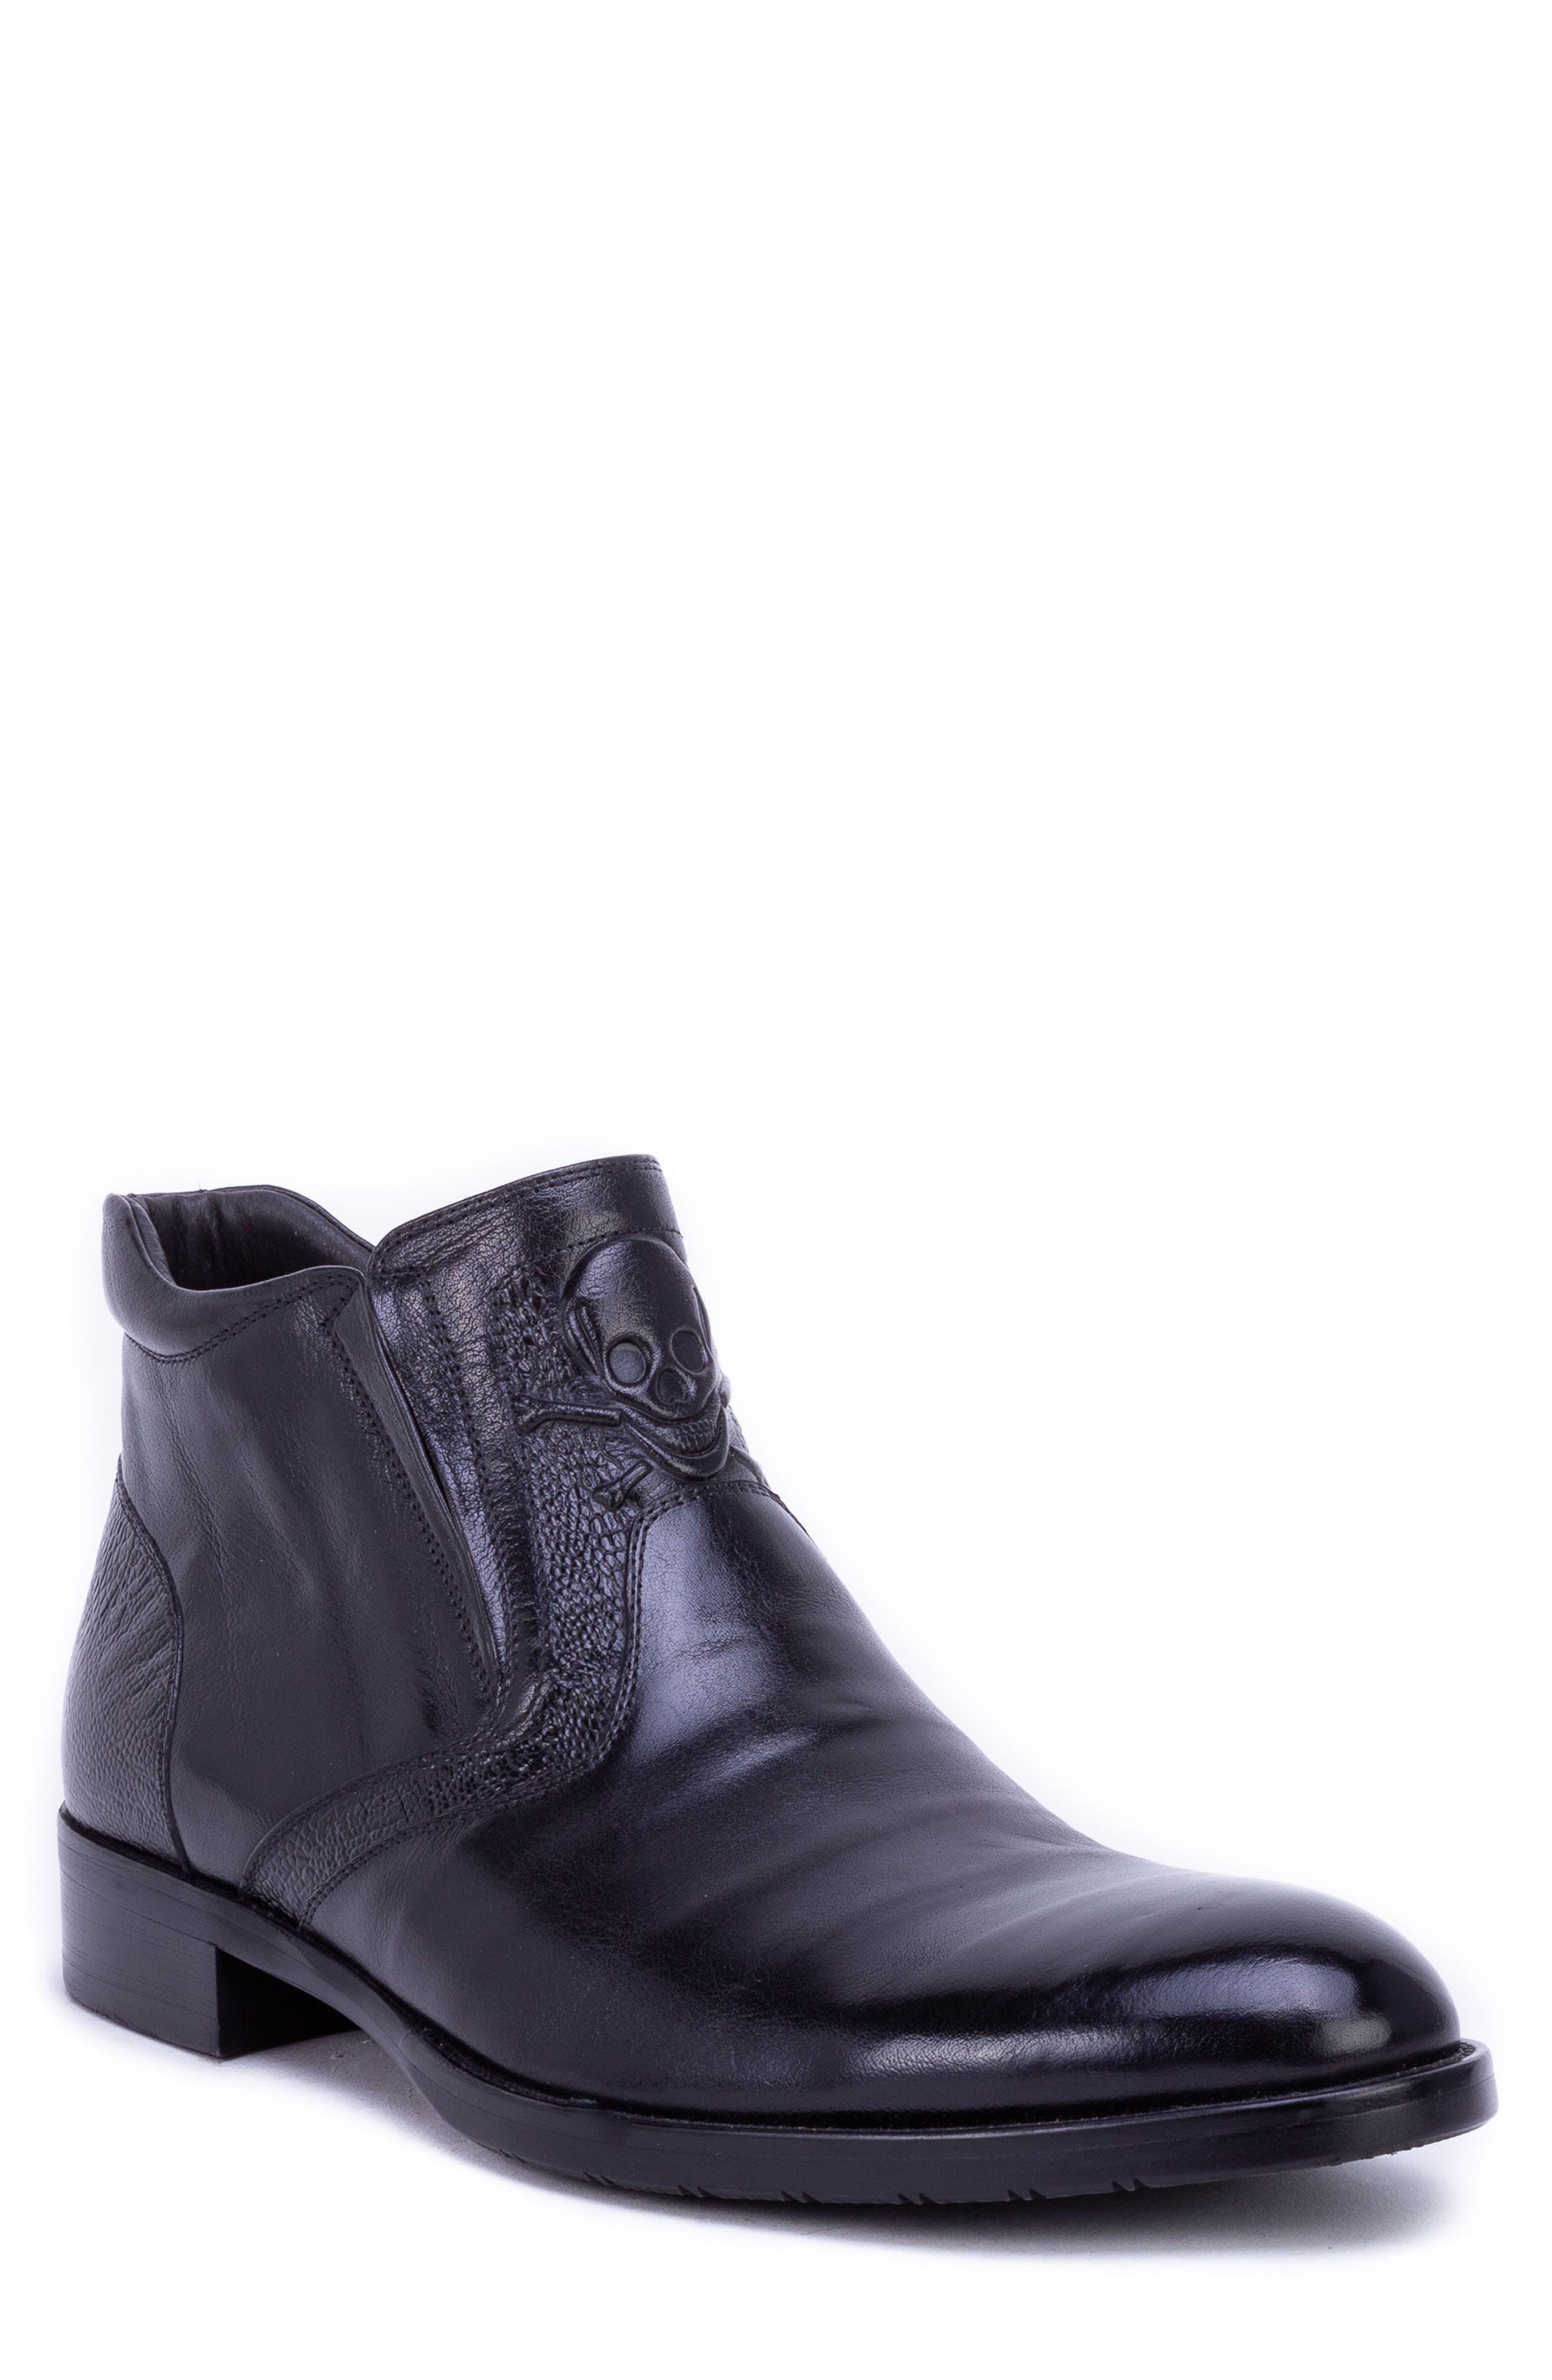 Gordon Skull Embossed Boot,                         Main,                         color, BLACK LEATHER